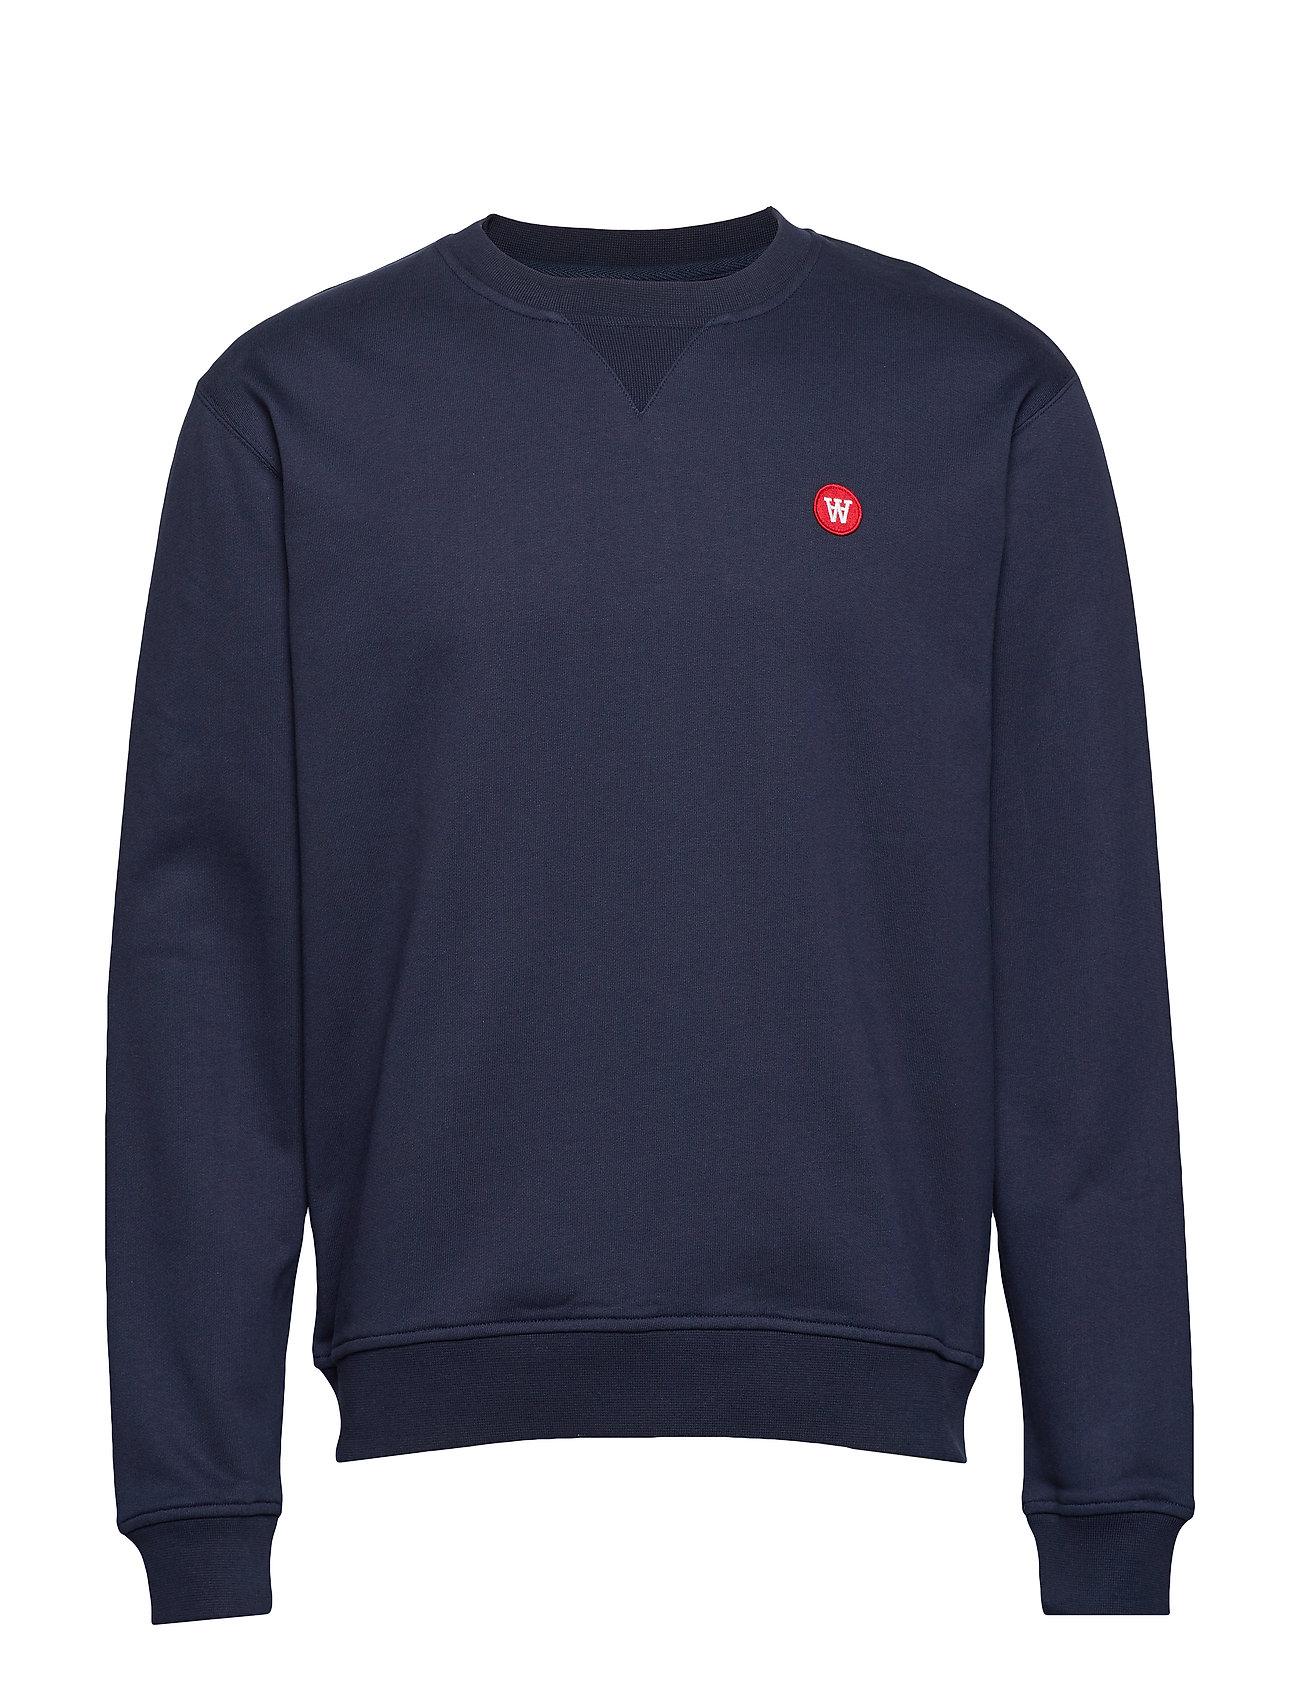 Wood Wood Tye sweatshirt - NAVY